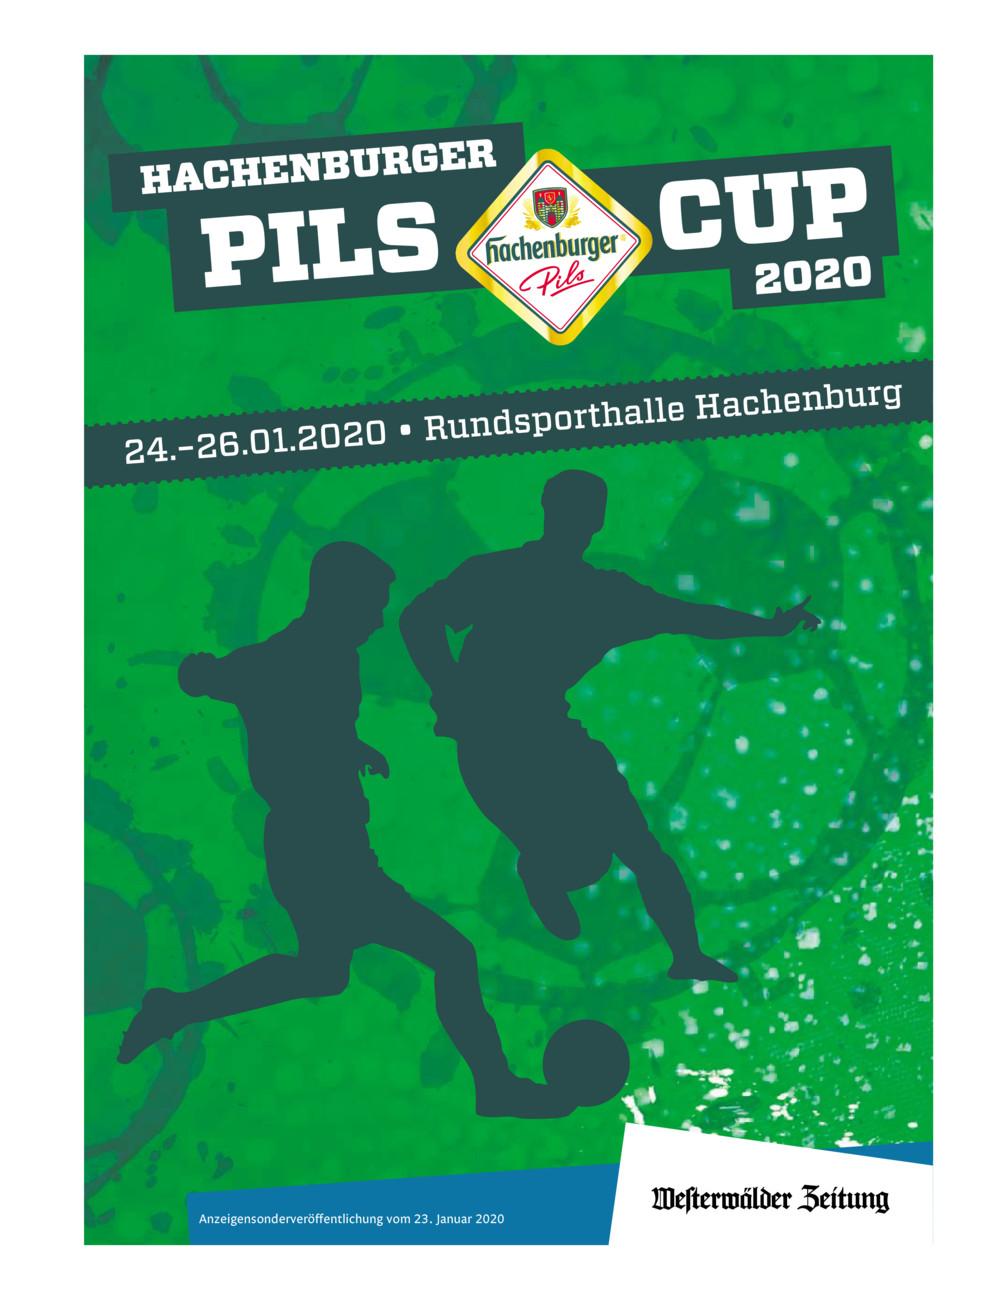 Hachenburger Pils Cup 2020